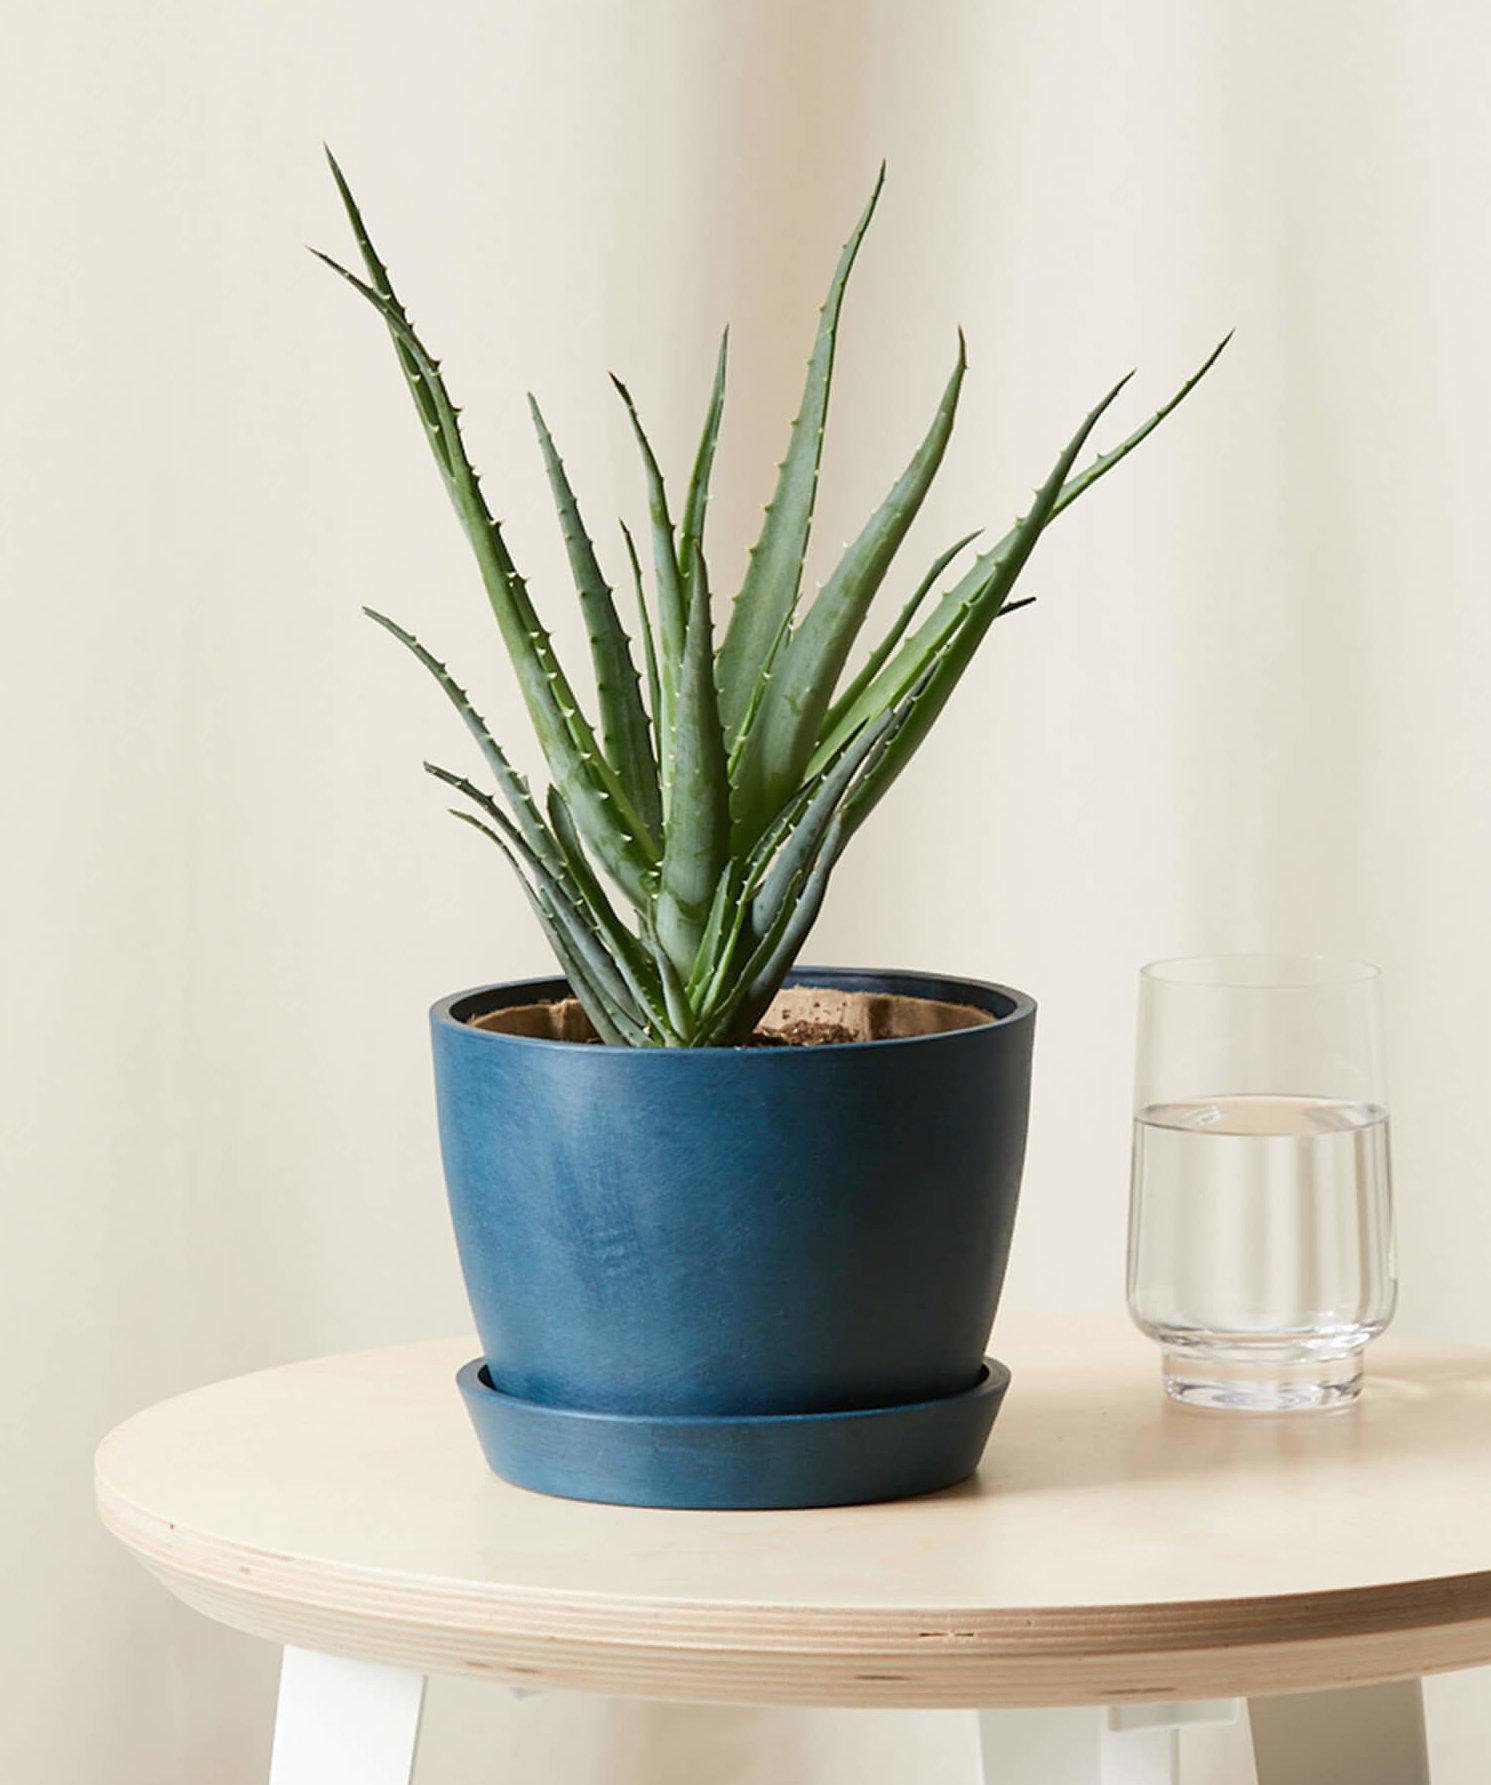 aloe plant in a pot